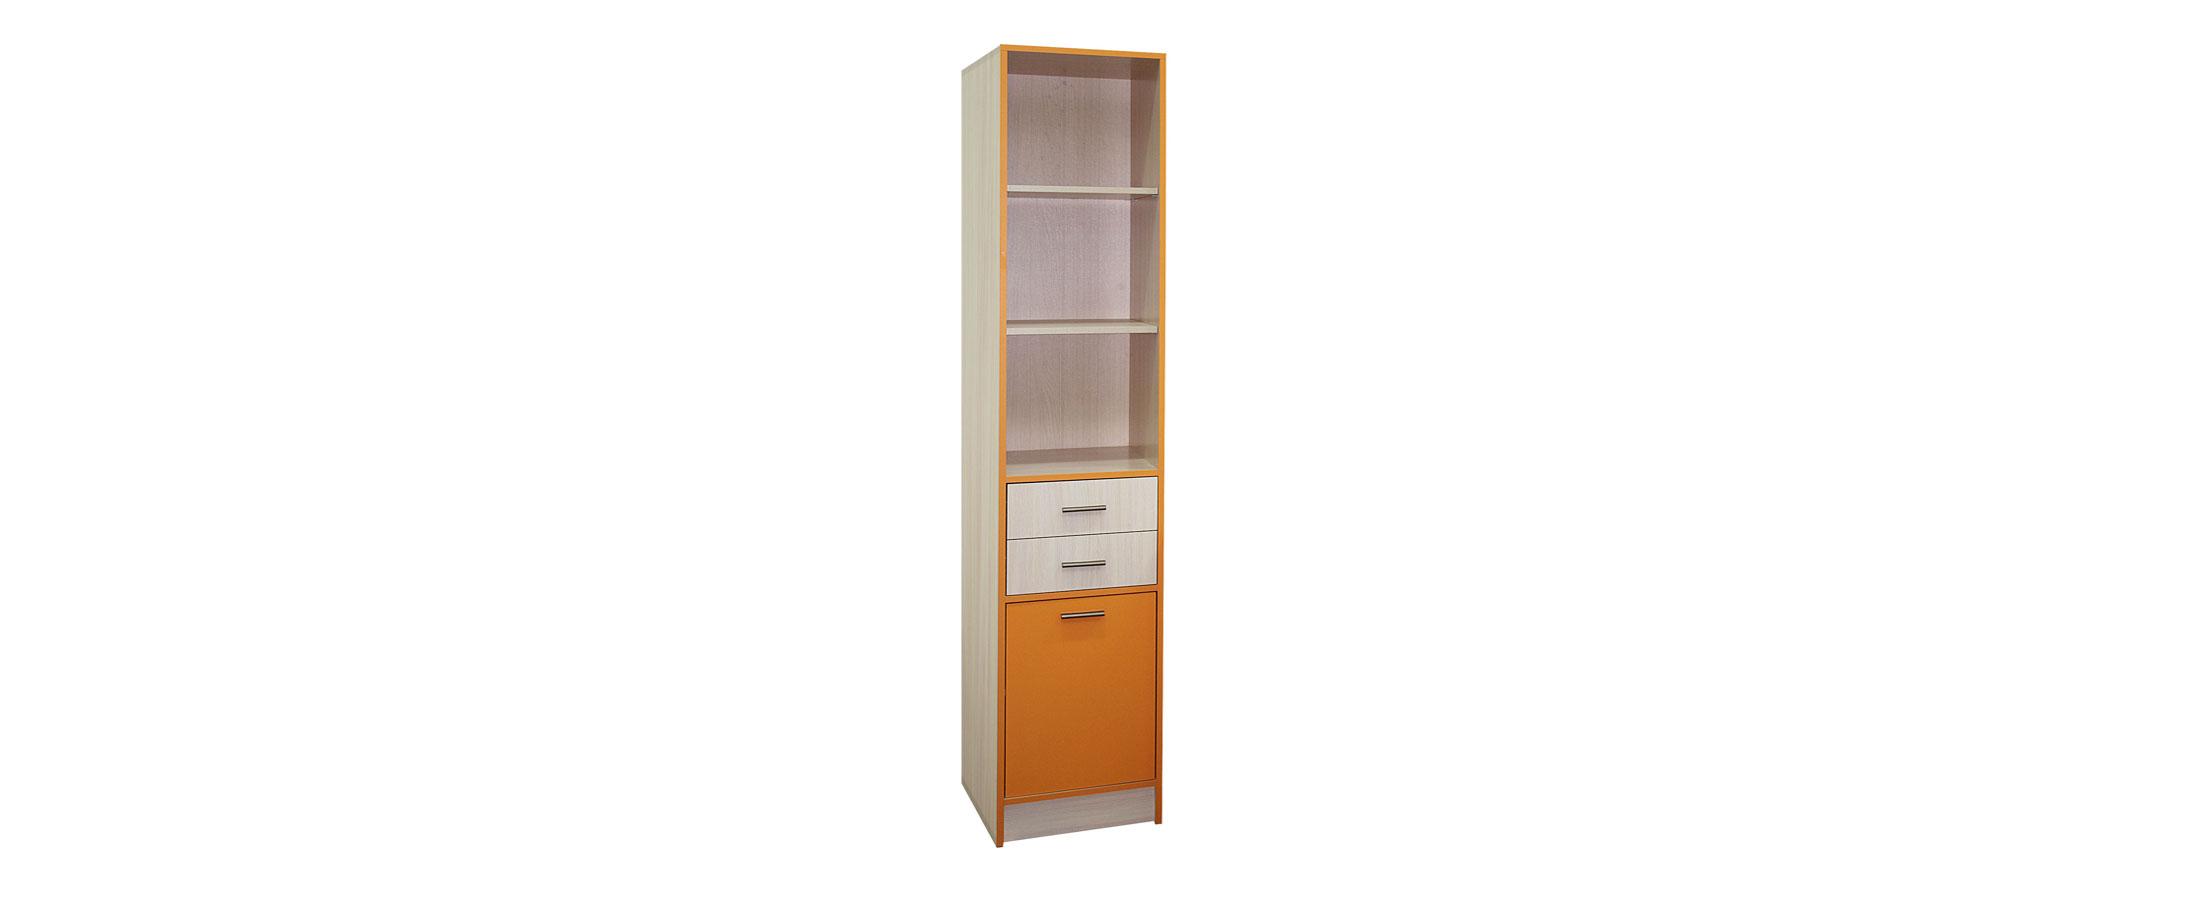 Шкаф для книг Скейт-3 Модель 507Пенал с тремя вместительными открытыми полками и тремя закрытыми ящиками. Позволит сохранить порядок в комнате и на рабочем столе. Доставка от 1 дня.<br>